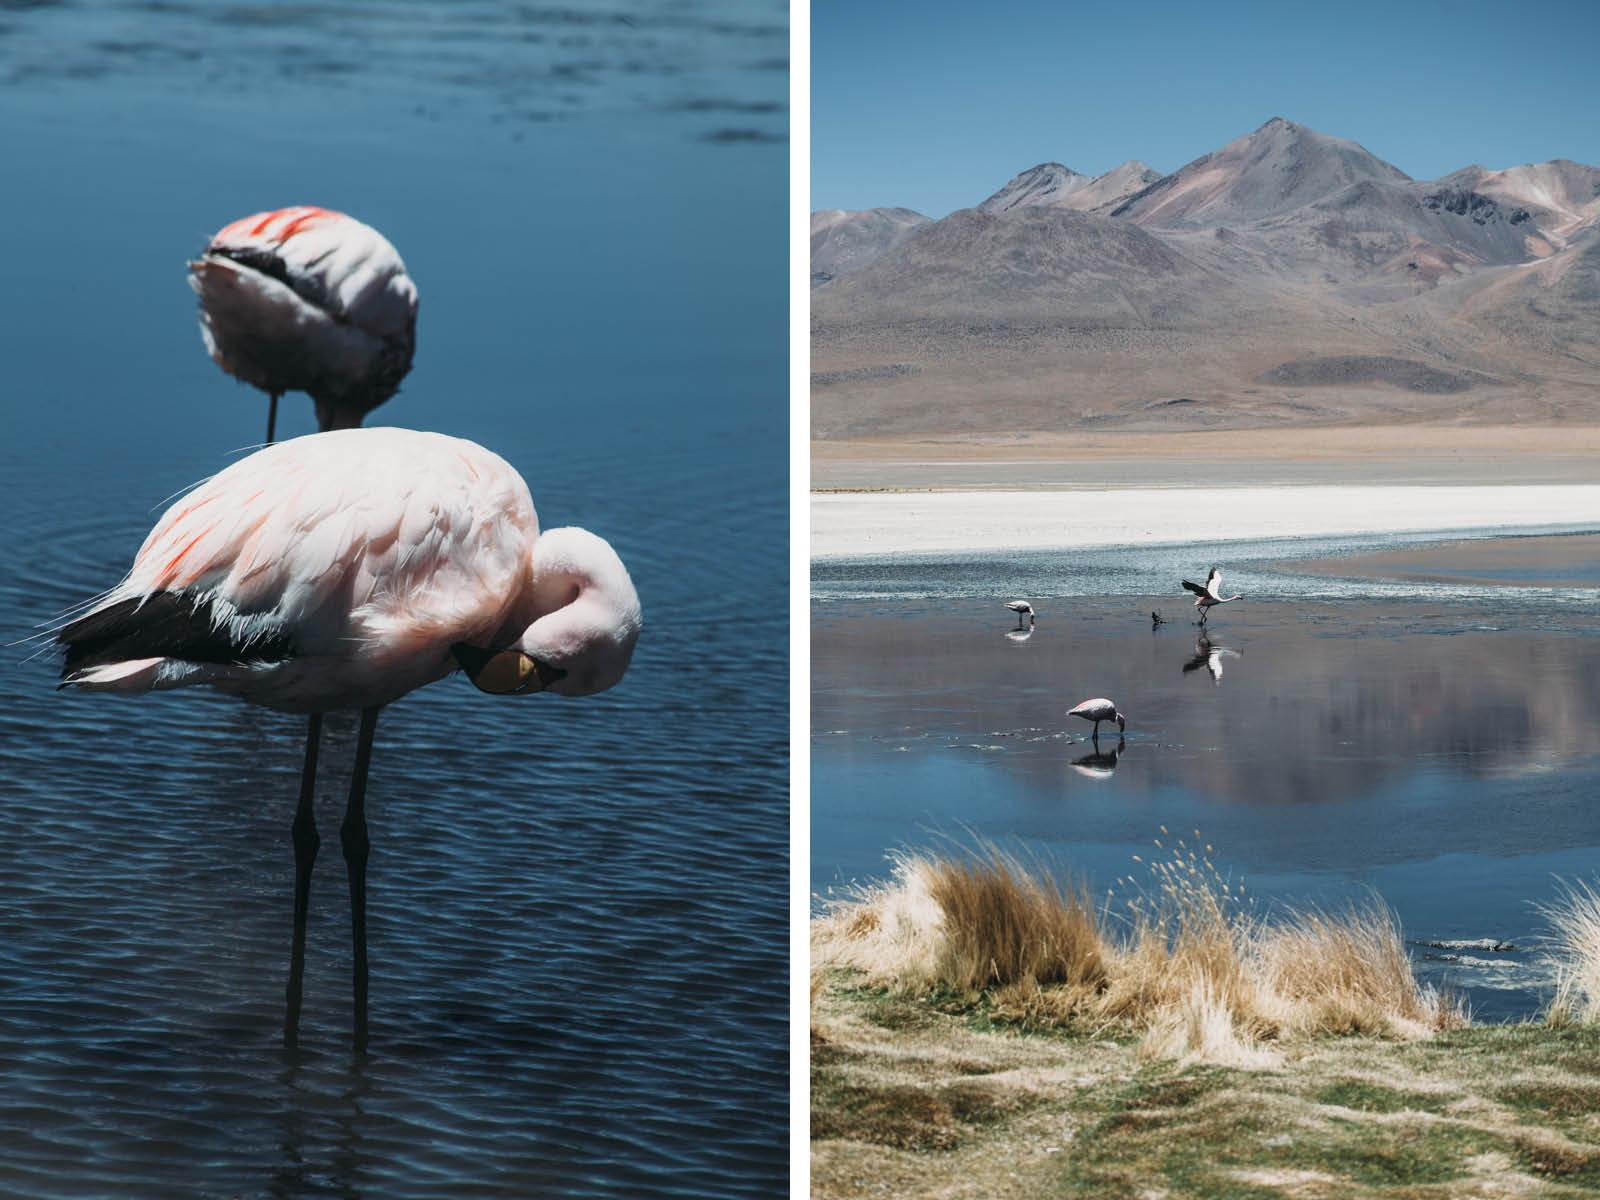 Evabloem-Salar-de-Uyuni_Bolivia-000113.jpg